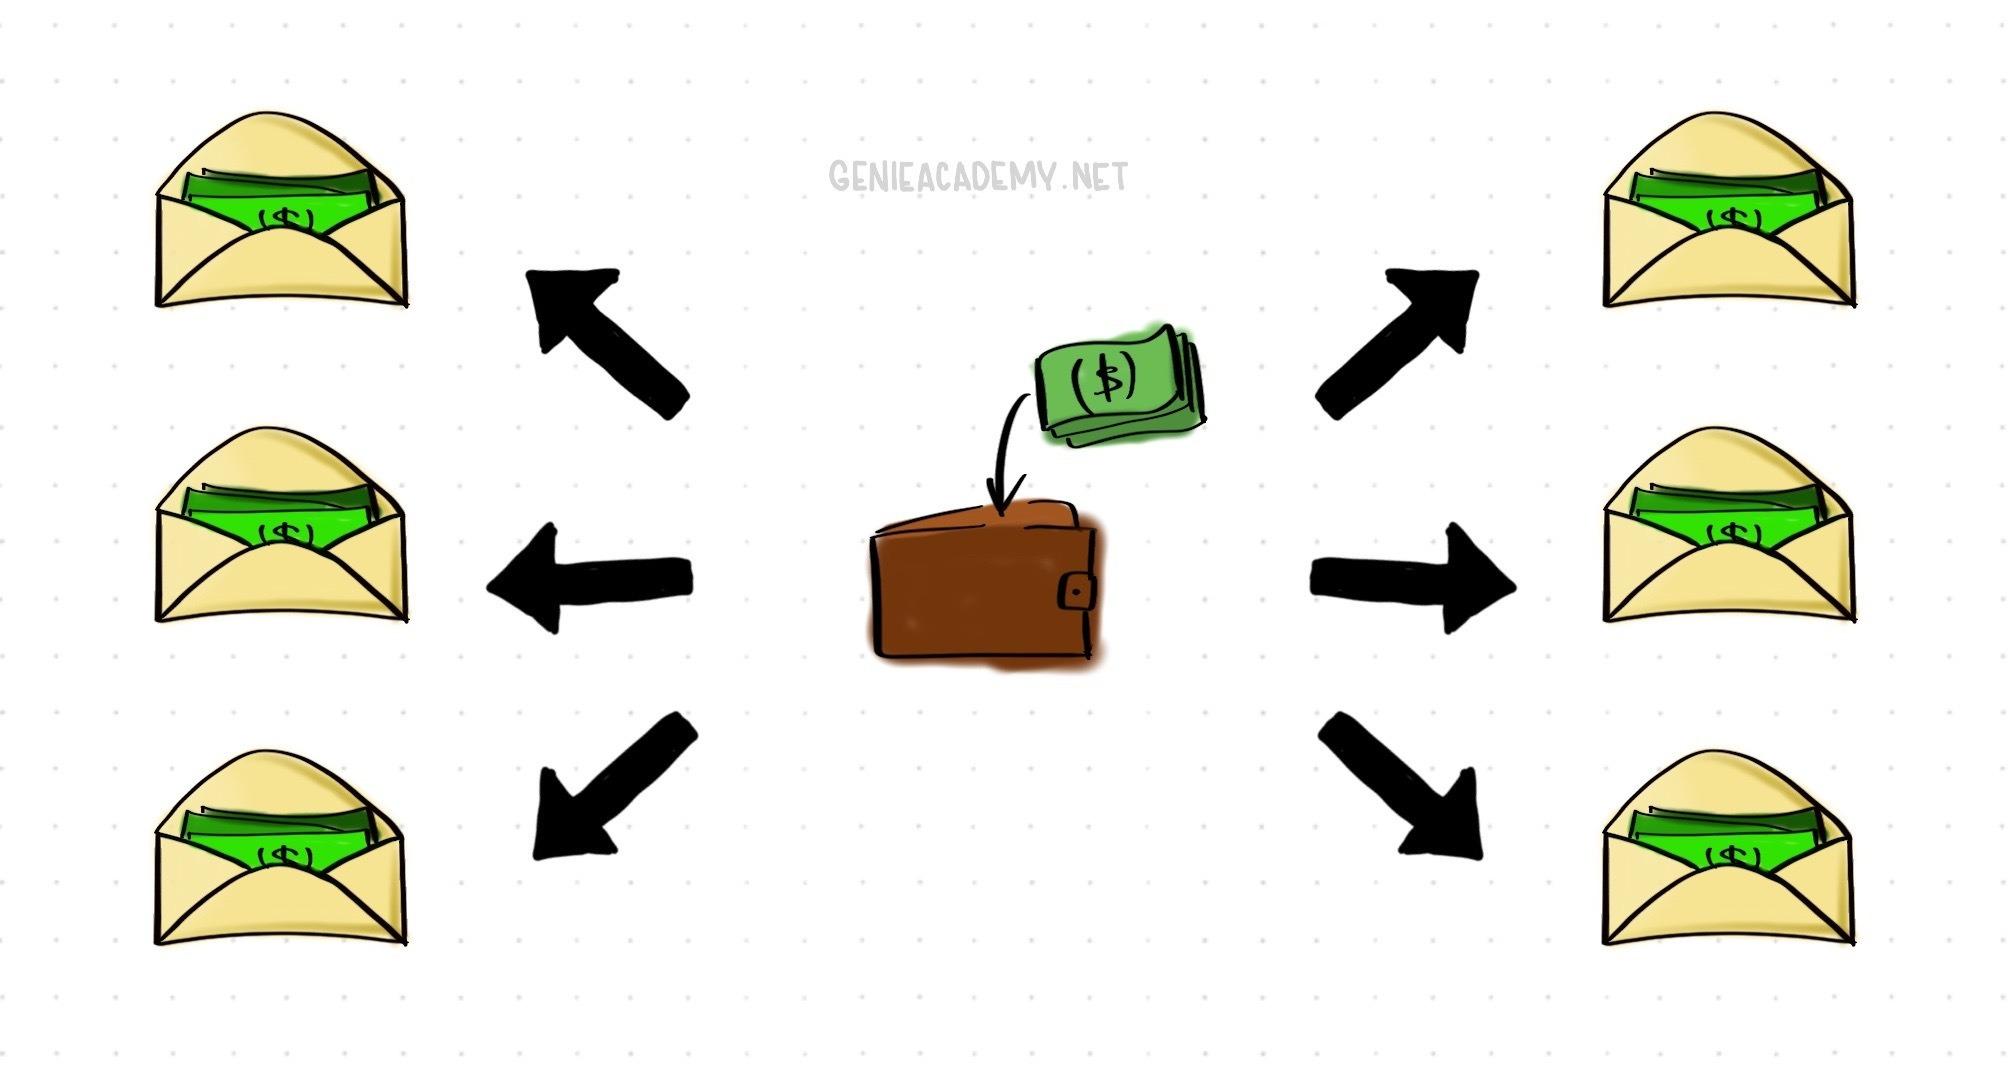 Phương pháp quản lý chi tiêu: Quy tắc bìa thư